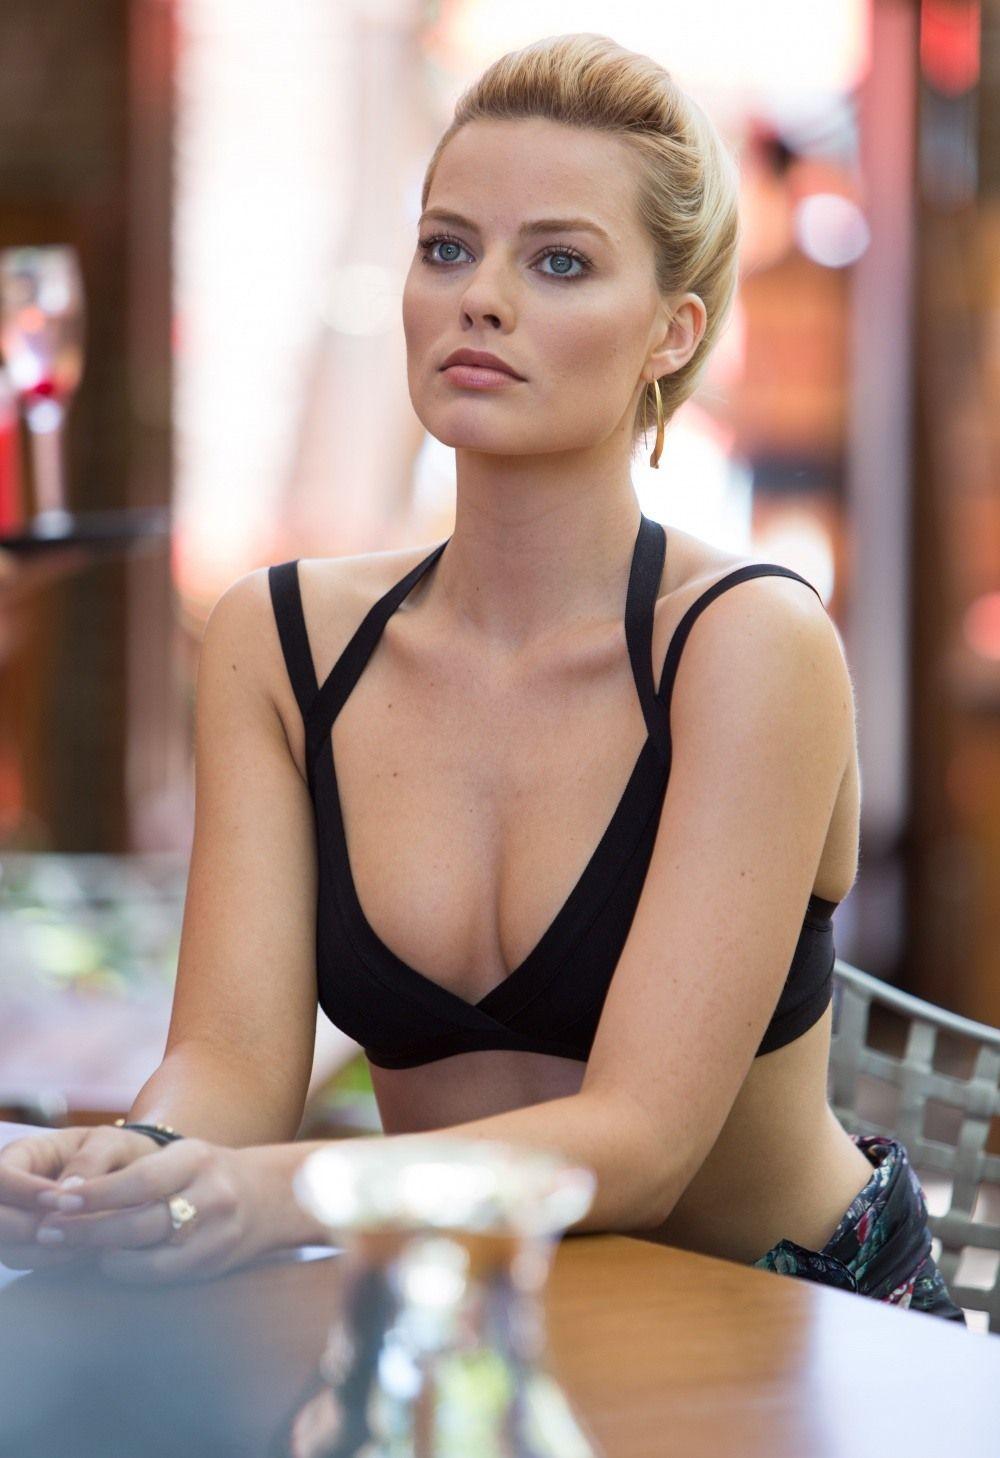 Фокус голая женщина